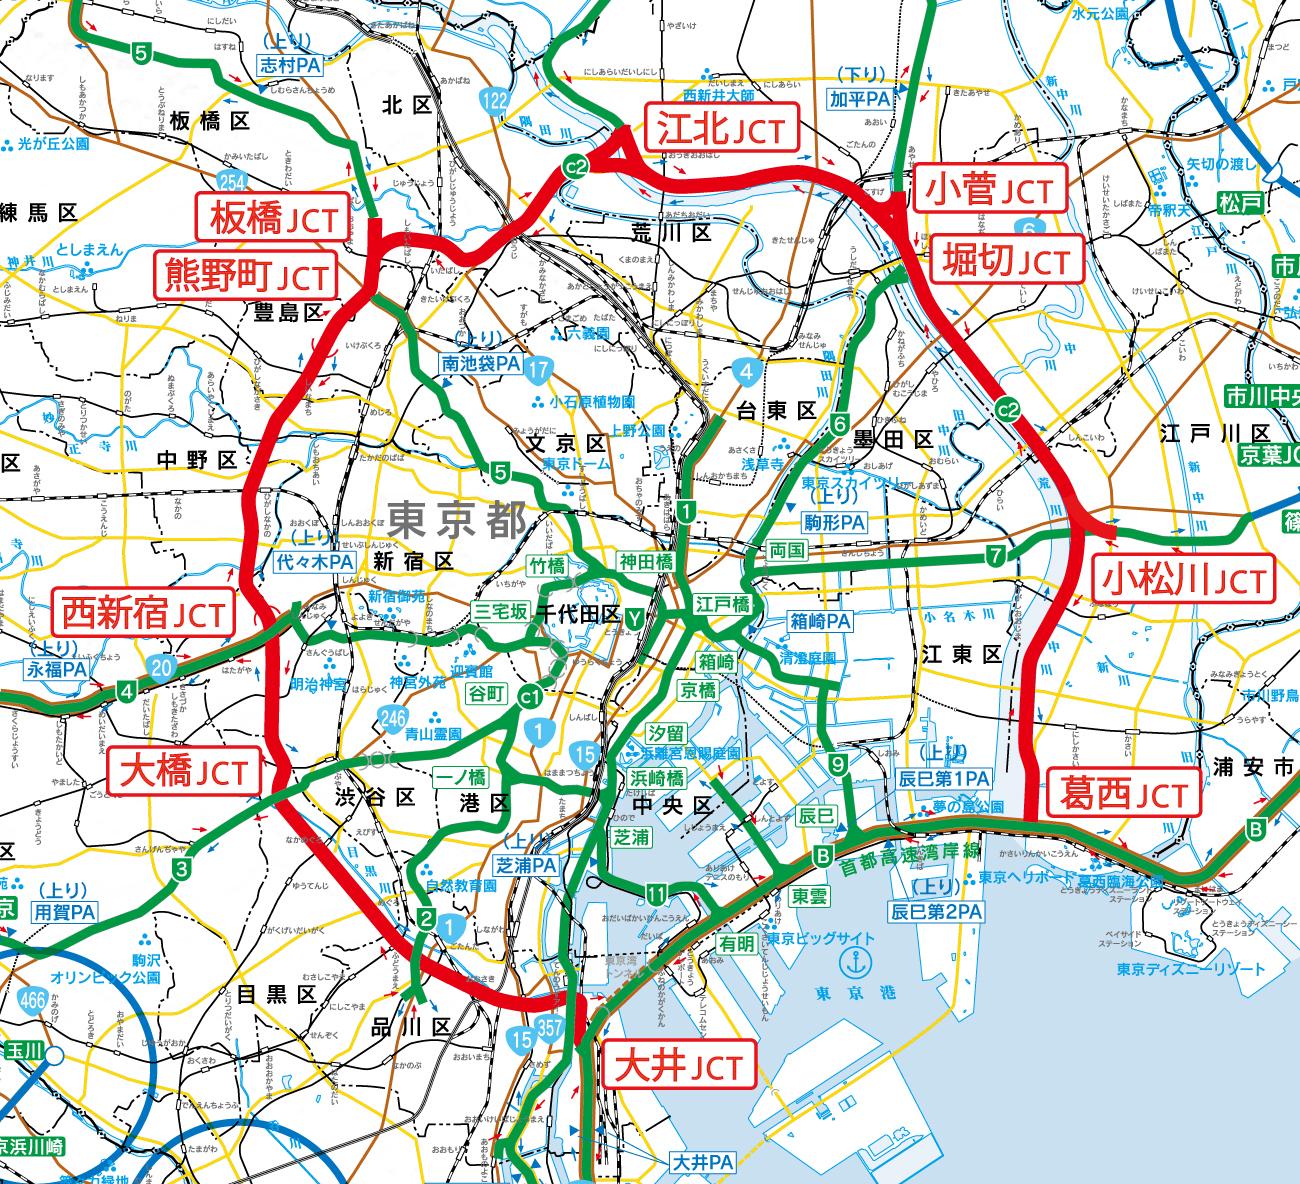 中央環状線(首都高速中央環状線) | 道路 | 国土交通省 関東地方整備局